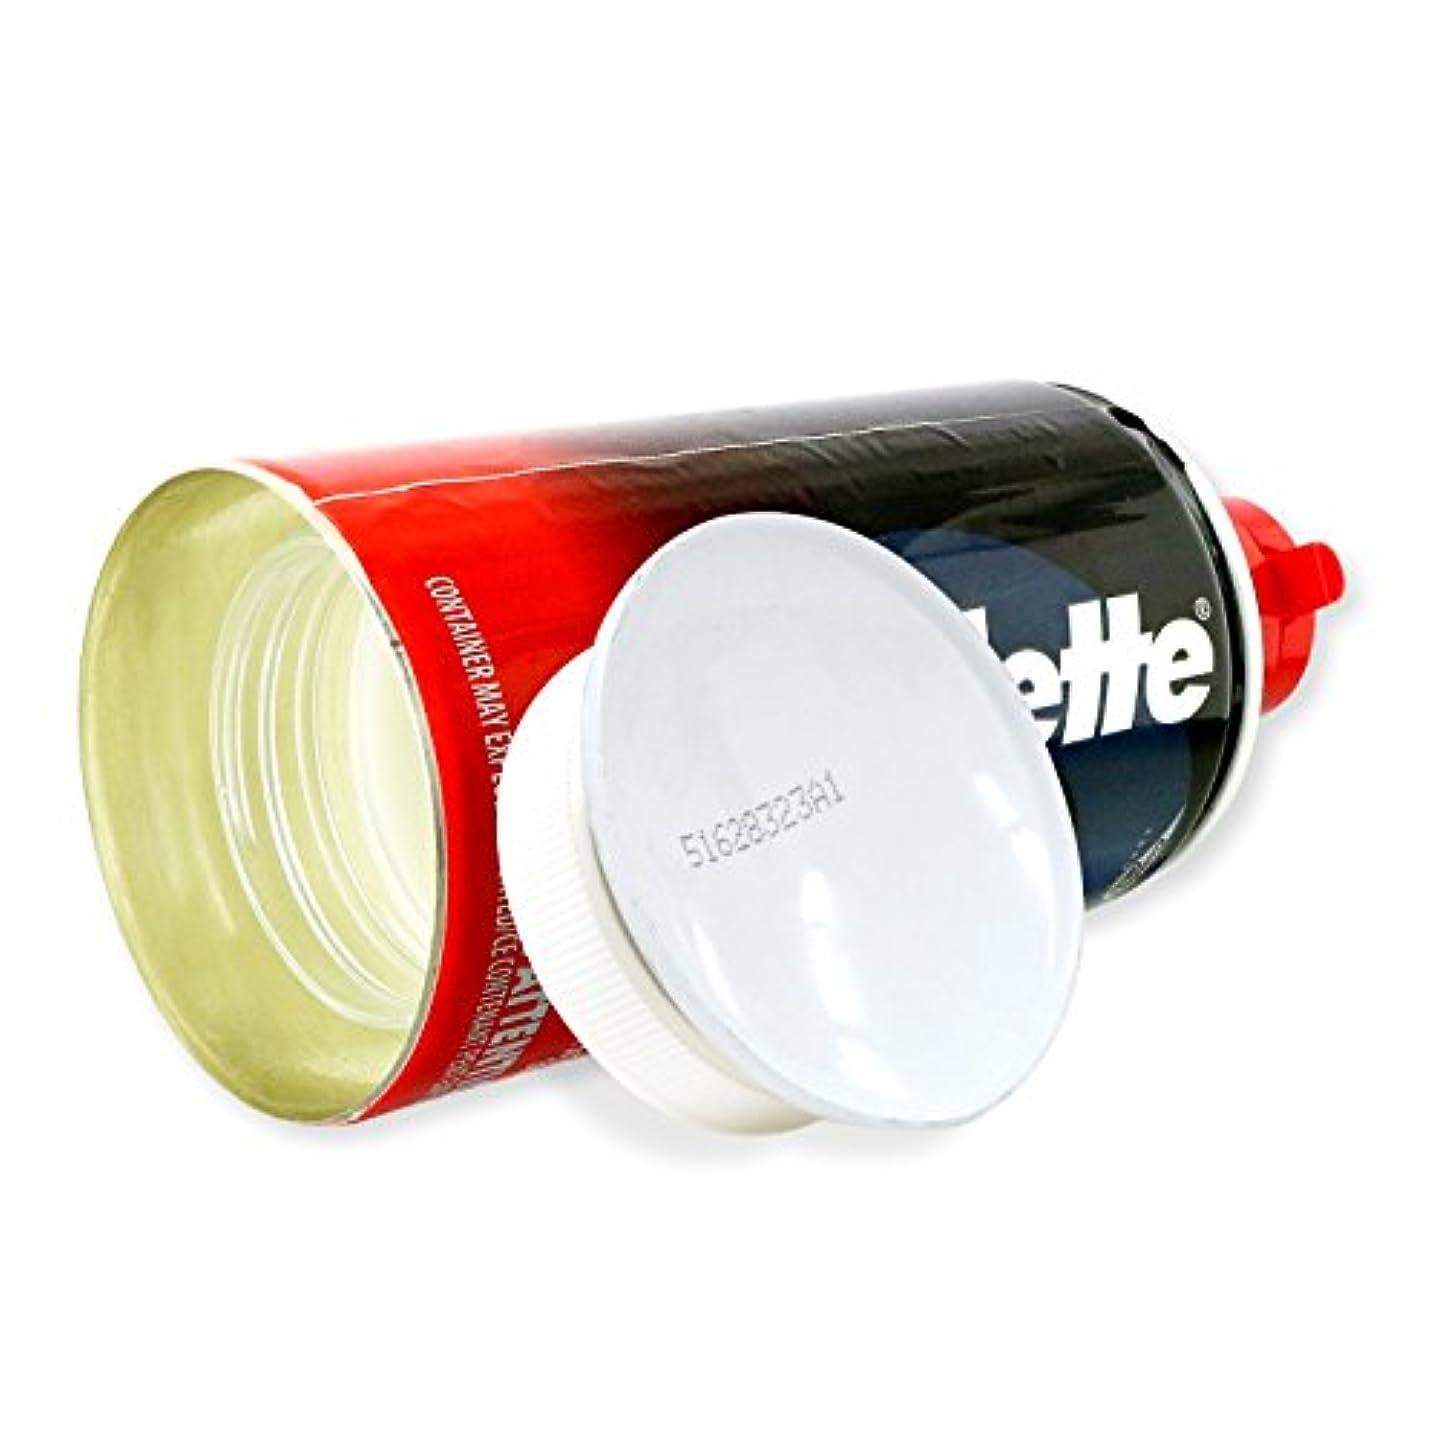 去る強大な再編成する隠し金庫 シェービングクリーム型 収納 セーフティボックス 『SECRET SAFE シークレットセーフ』(OA-666) Gillette Shaving Cream アメリカン雑貨 米国直輸入 貴重品の保管 タンス貯金...